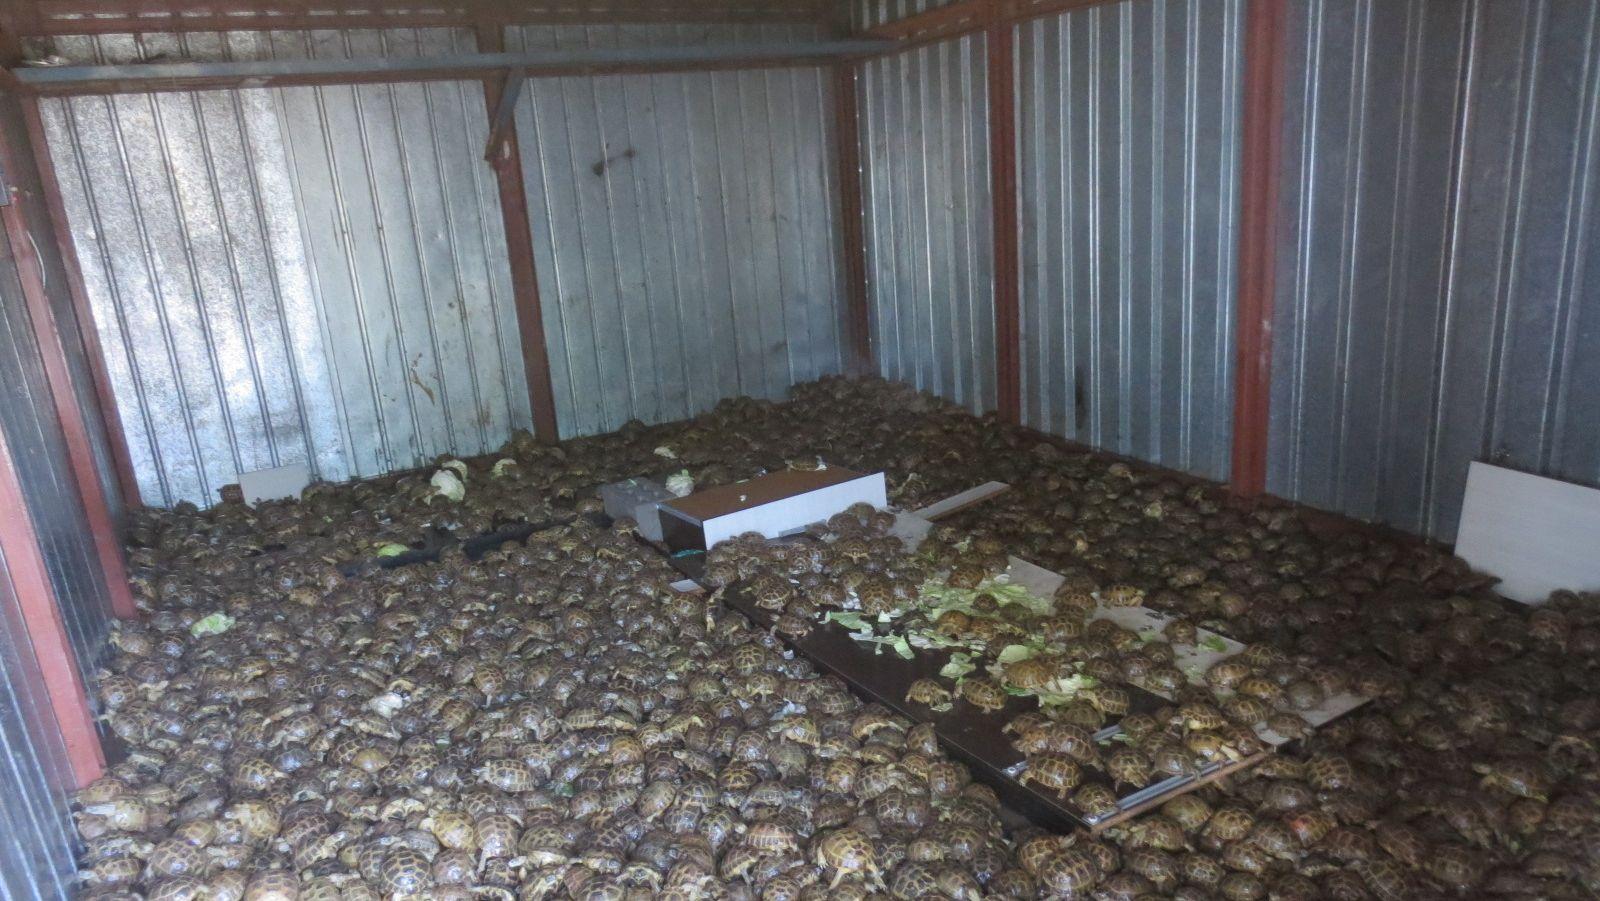 Behörden haben mehr als 4.000 lebende Landschildkröten sichergestellt. Die Tiere seien in 24 Säcken unter frischem Kohl transportiert worden.